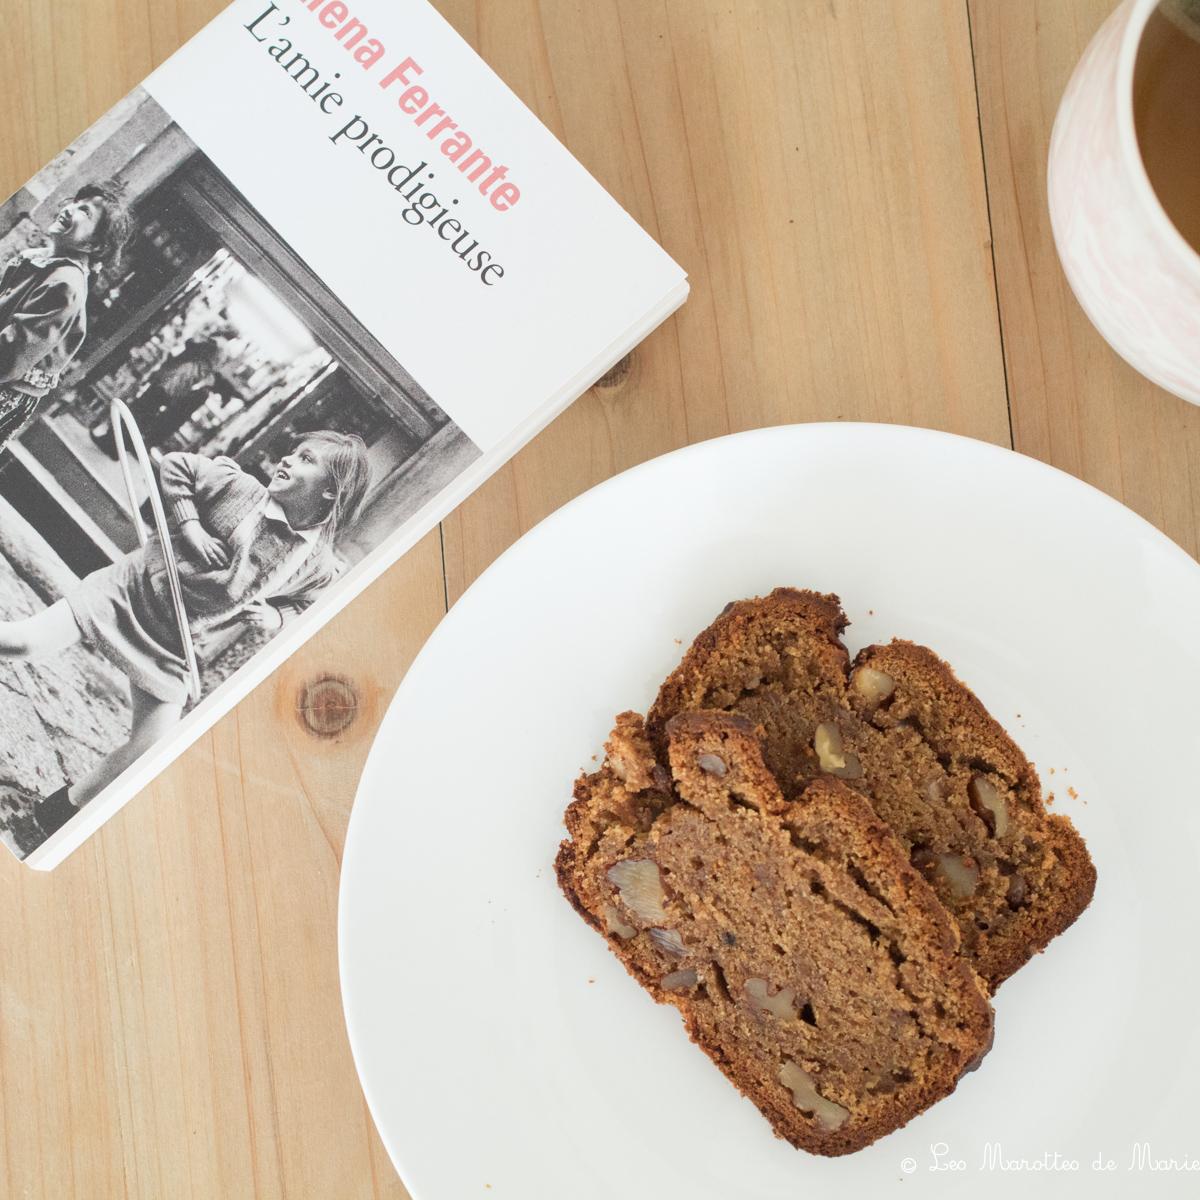 2020 04 18 banana bread Les marottes de marie-1